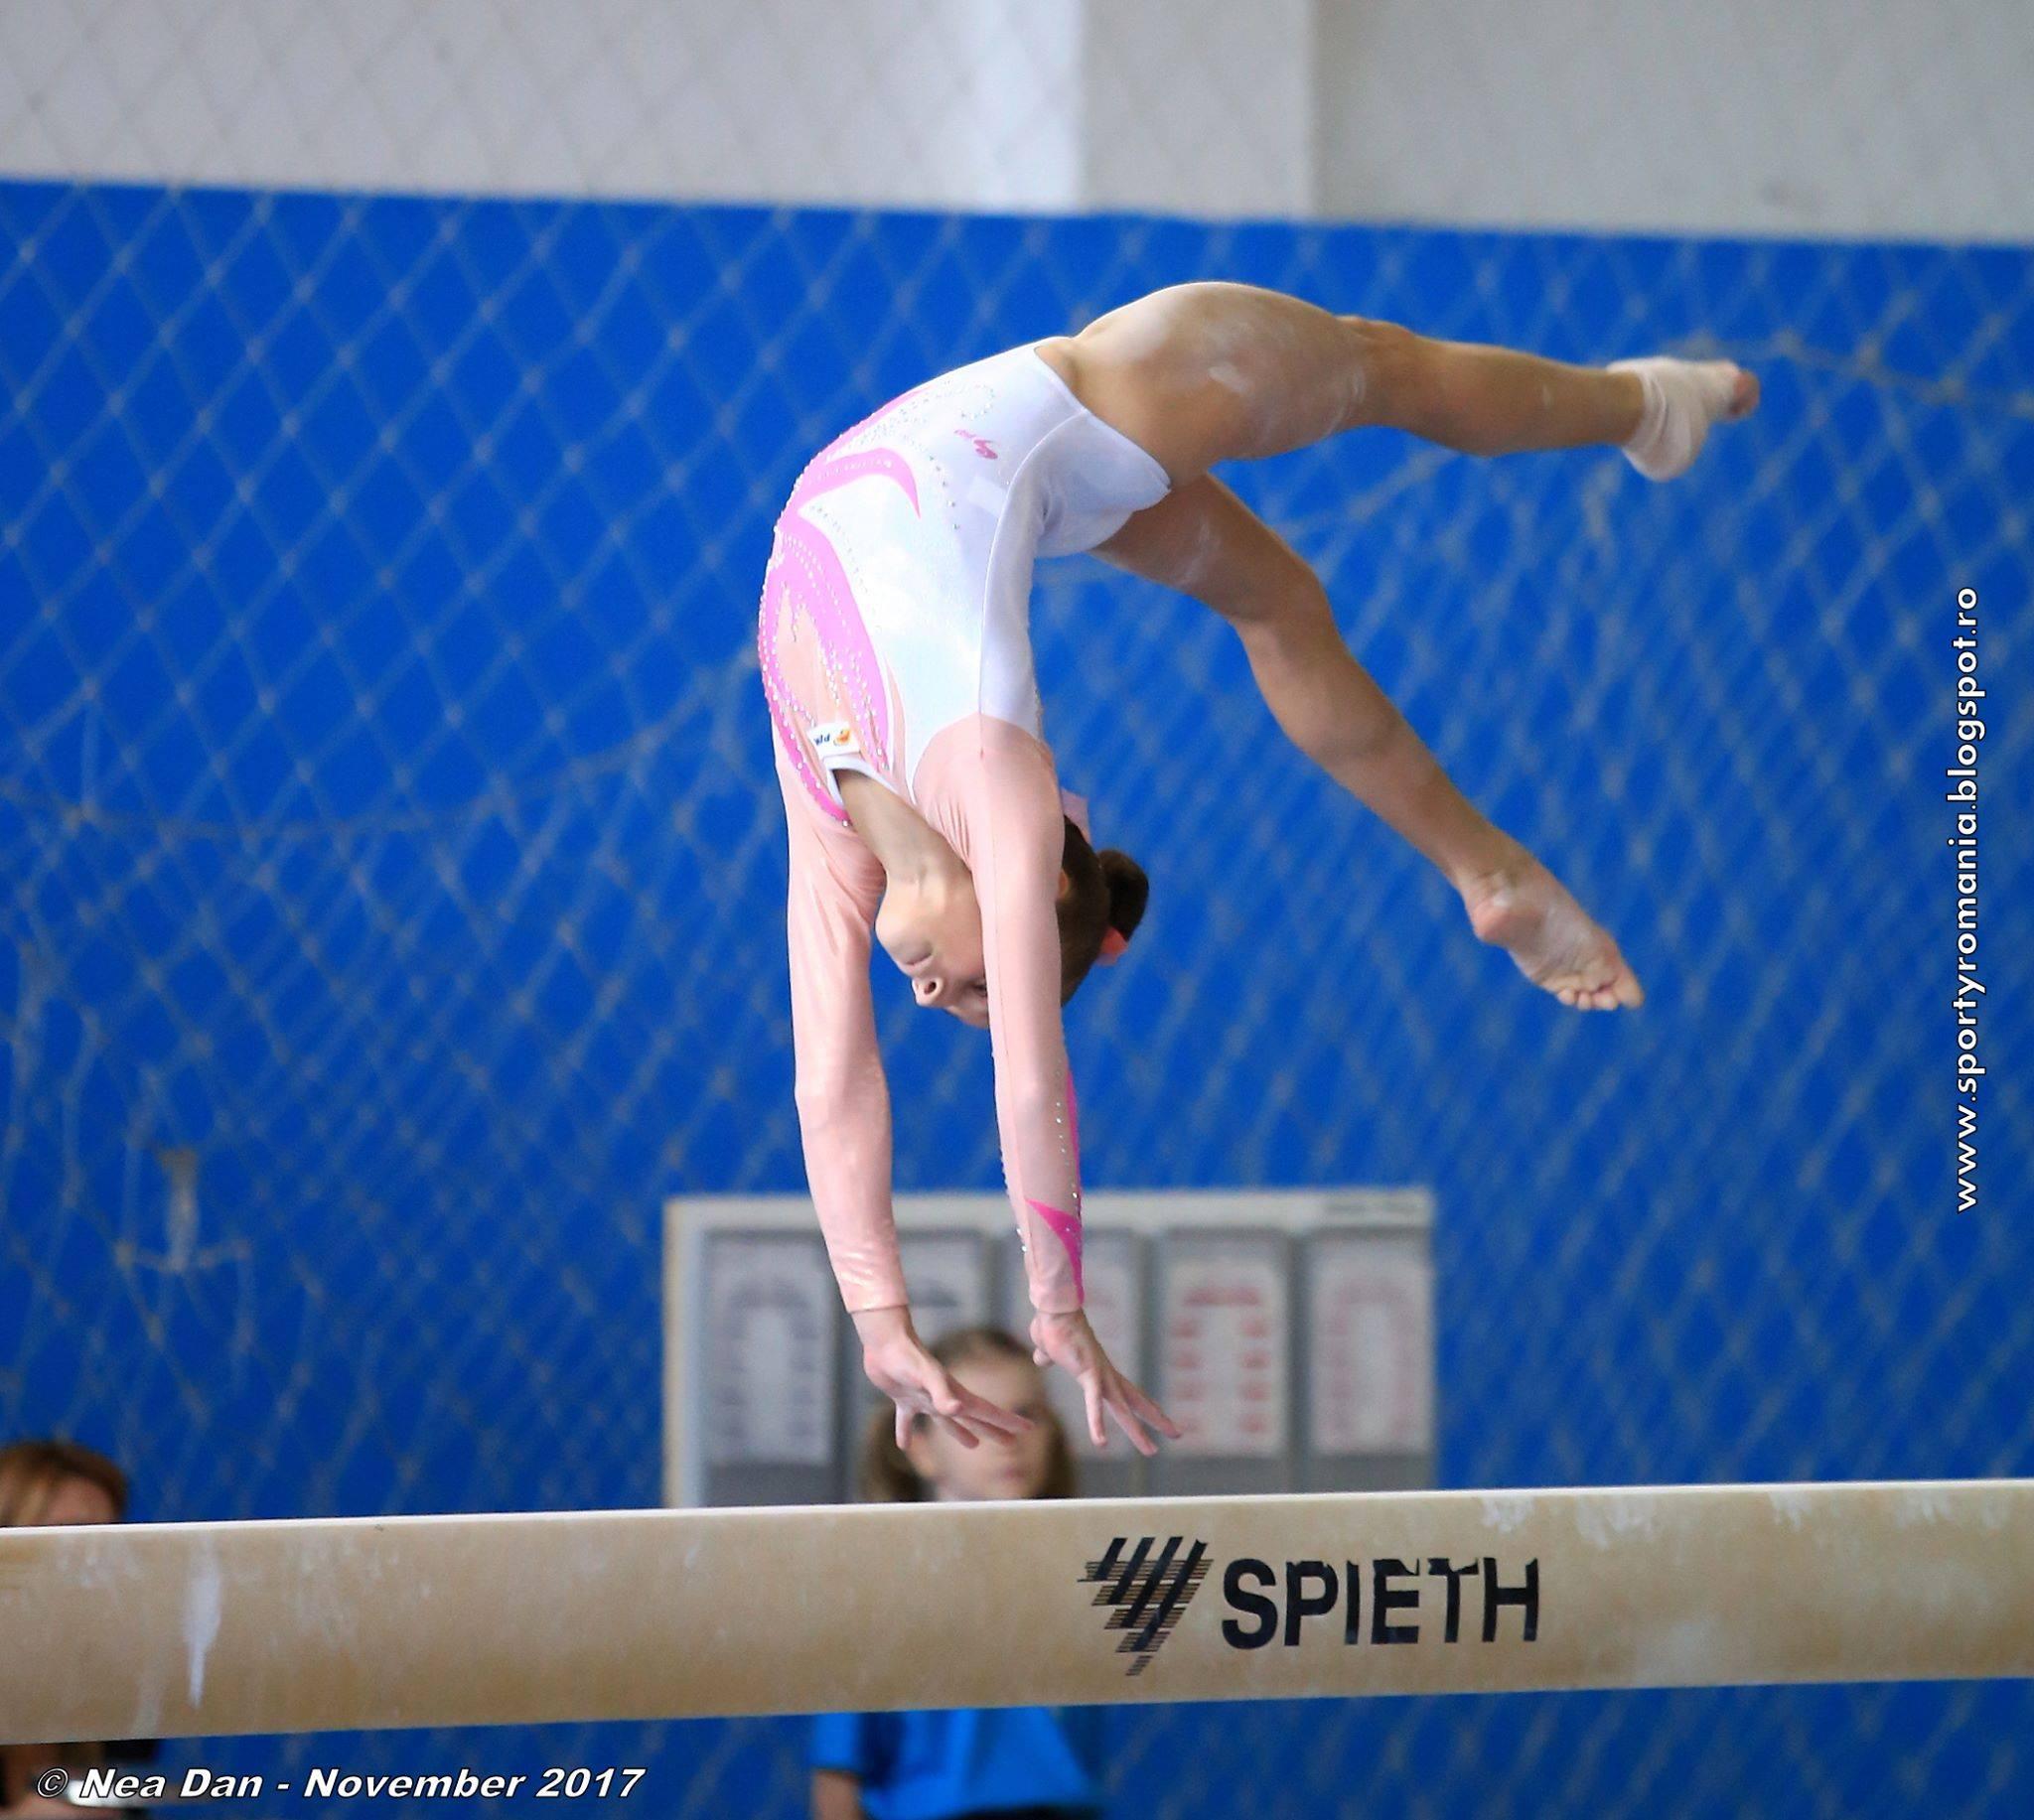 Campionat National de Gimnastica Artistica Feminina Junioare III la Ploiesti